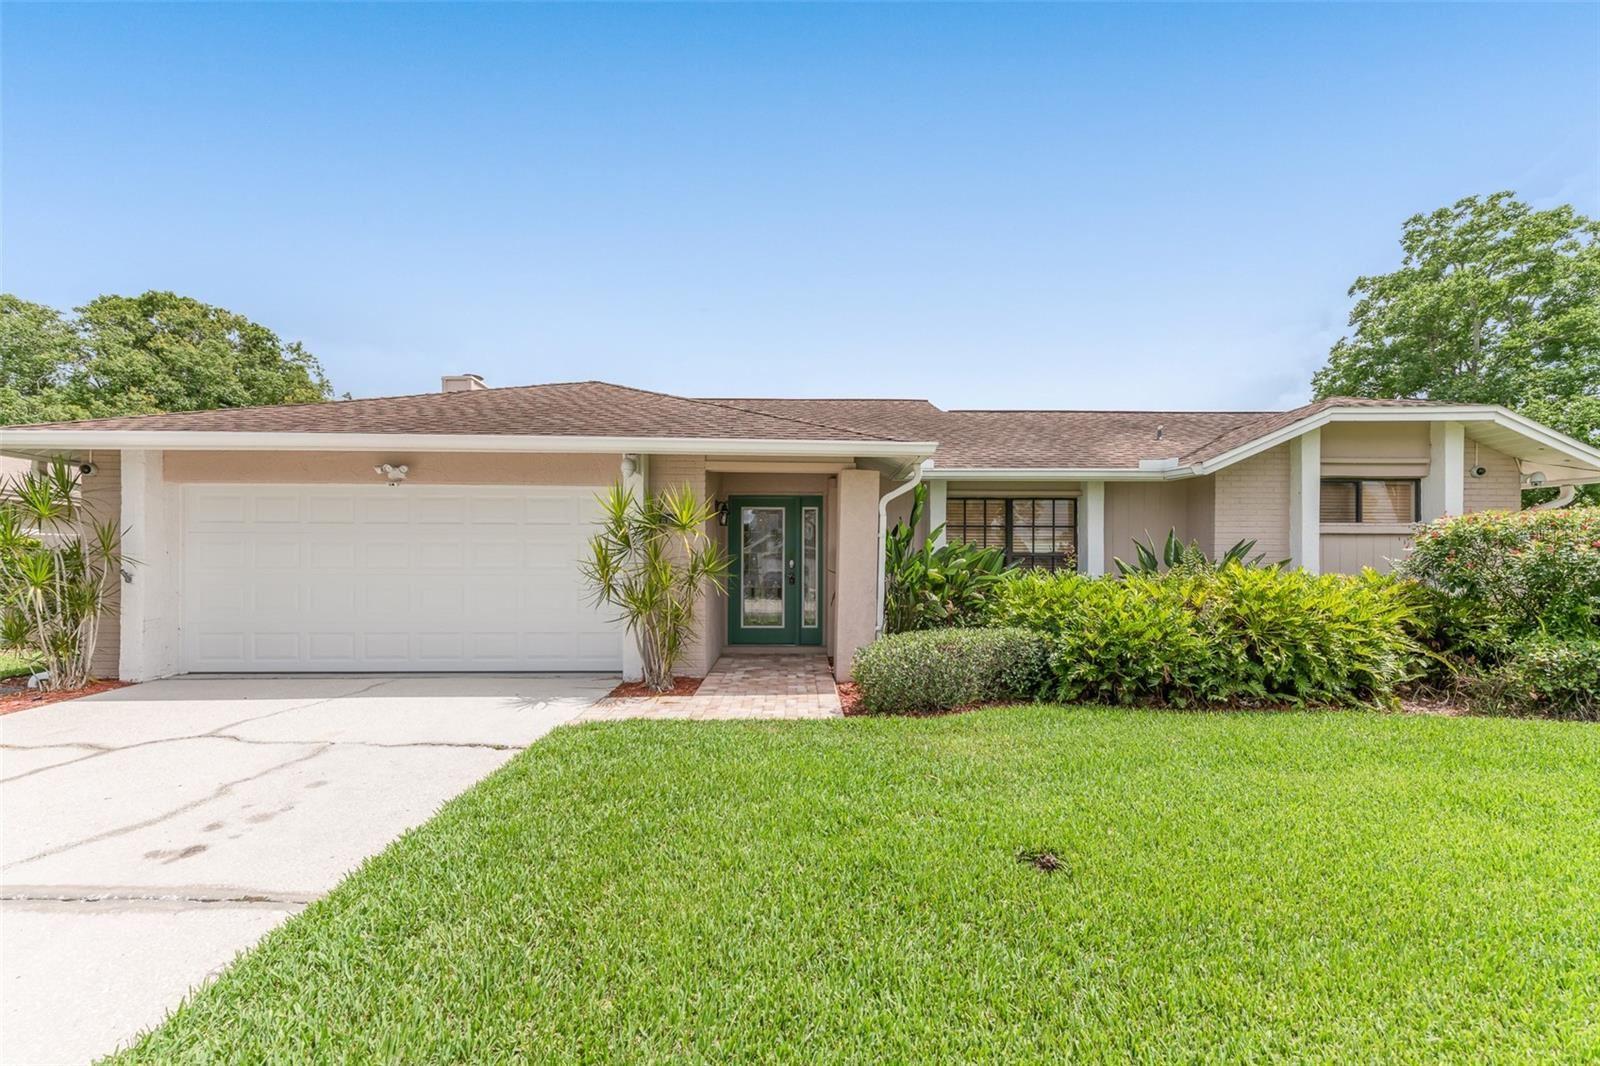 6608 TIMBER BROOK COURT, Tampa, FL 33625 - #: O5954775